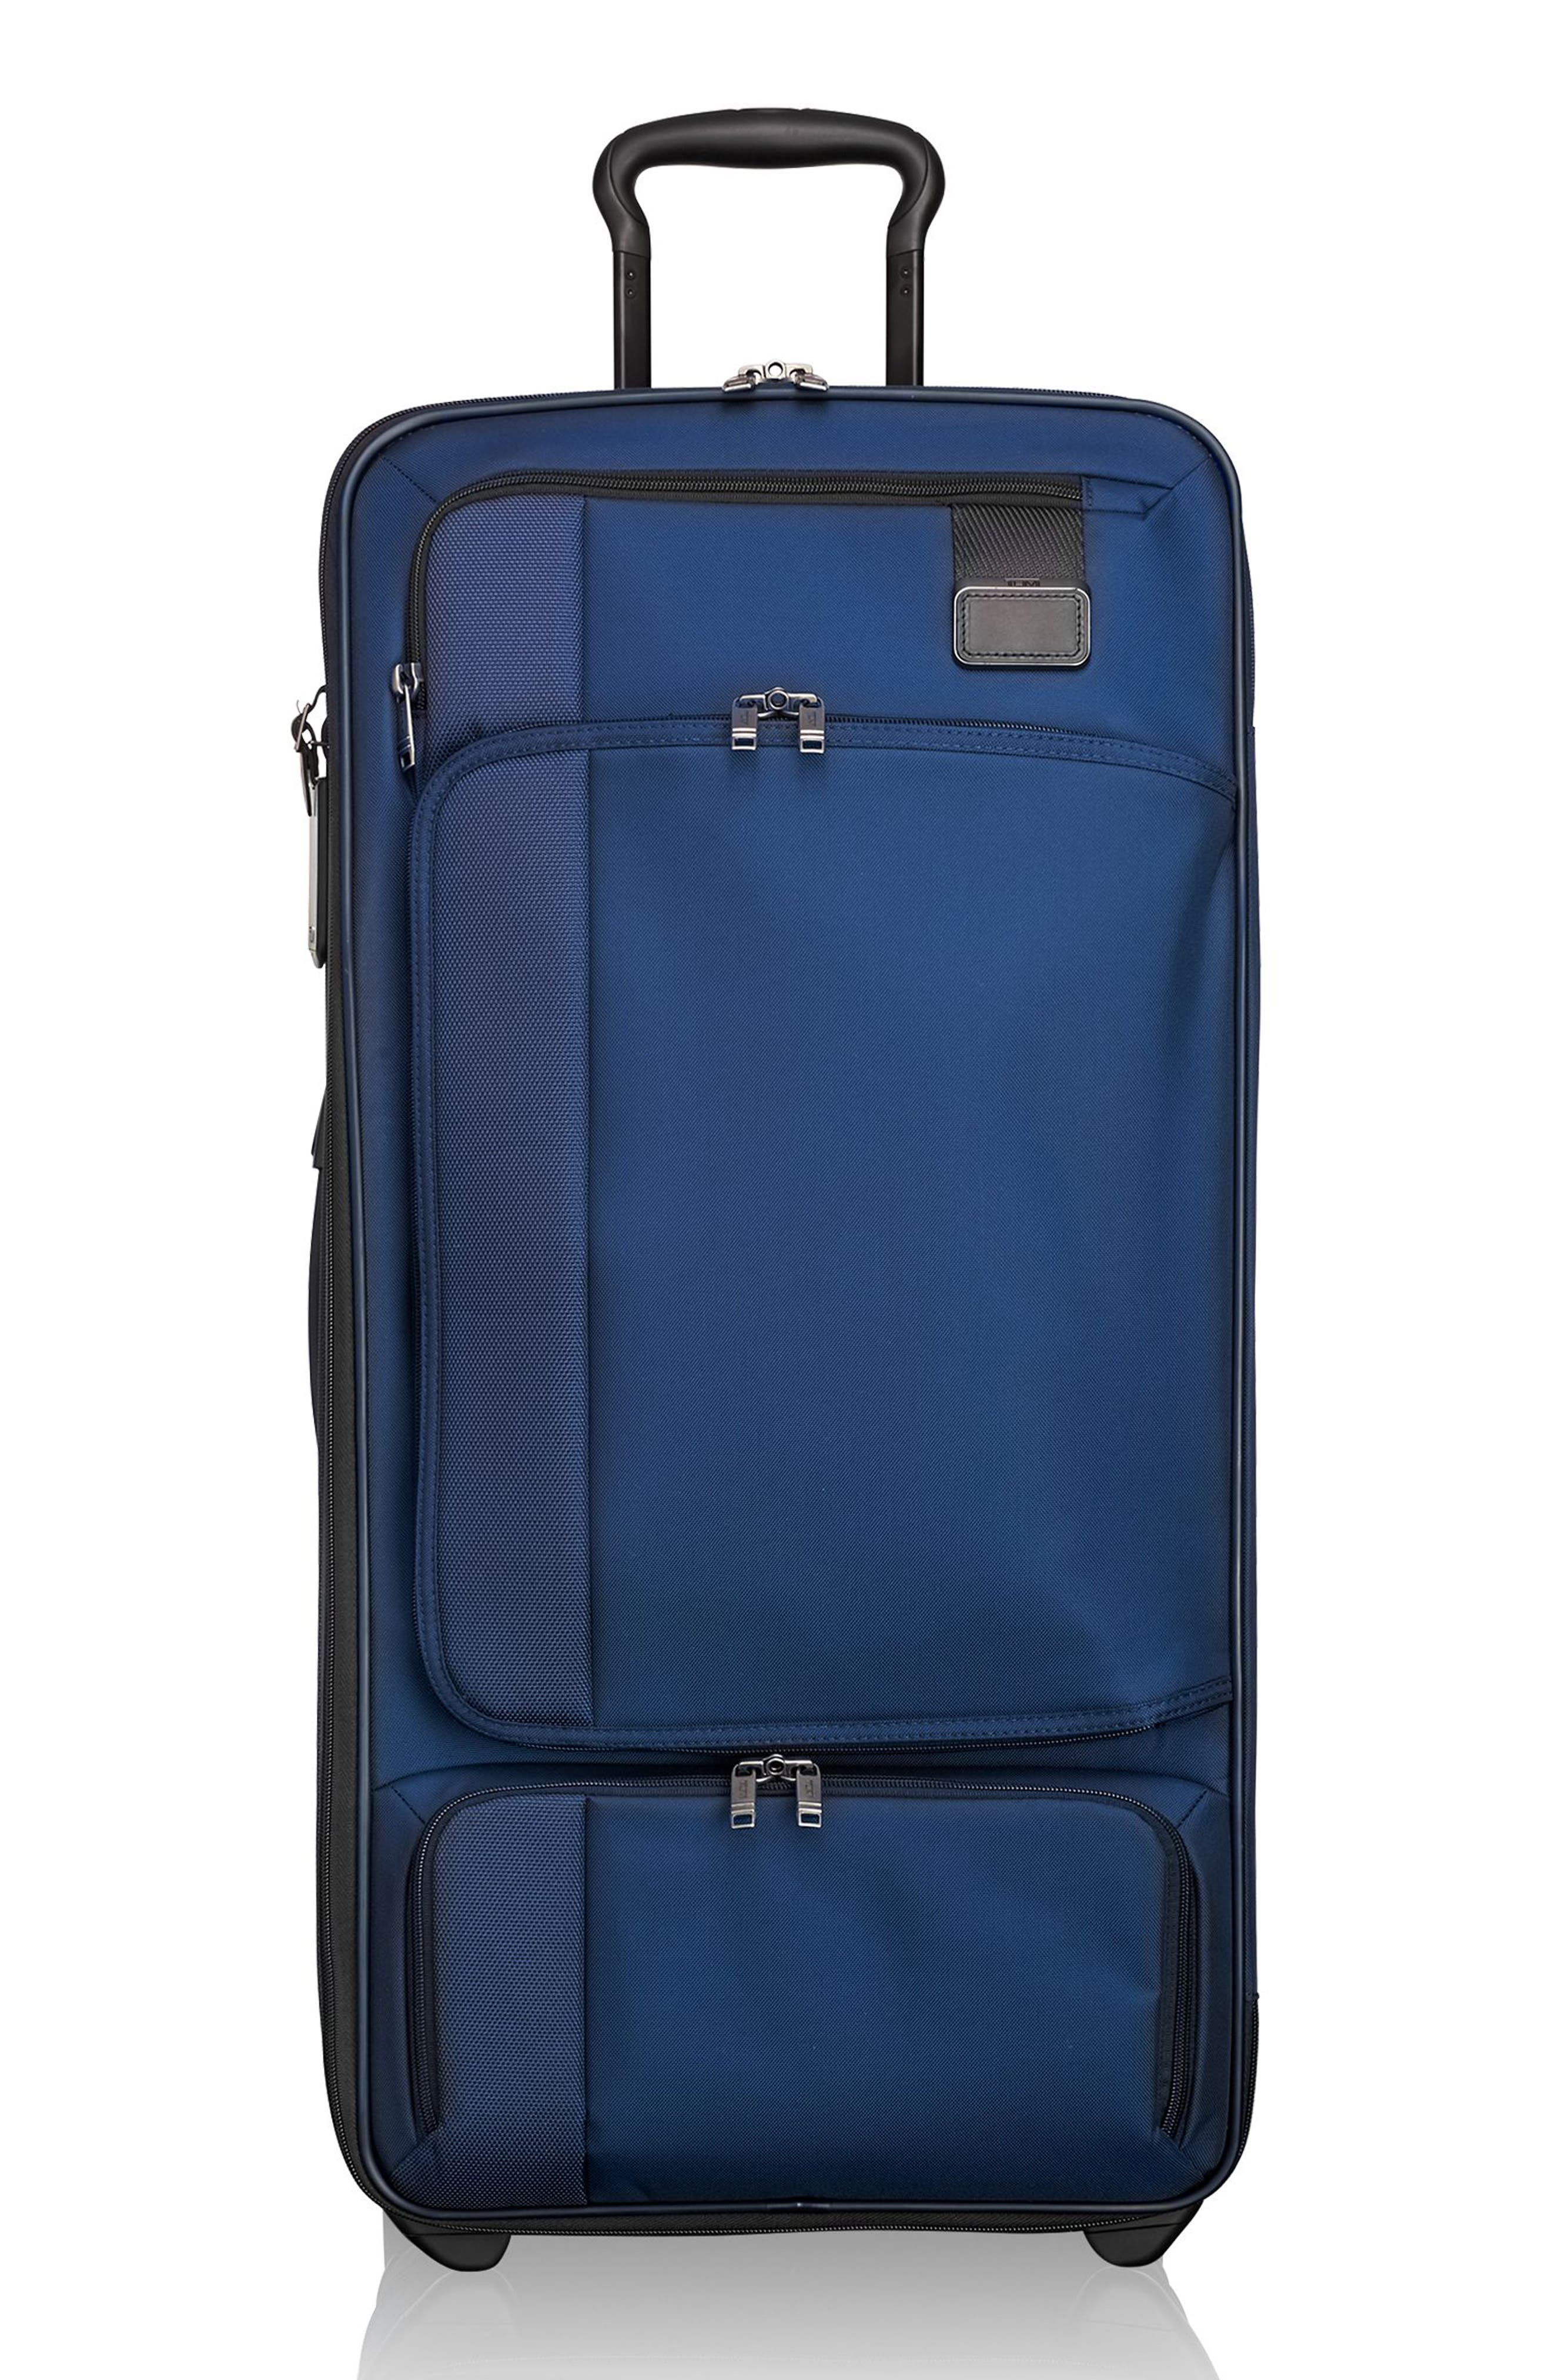 Merge - Rolling Duffel Bag,                             Main thumbnail 1, color,                             OCEAN BLUE